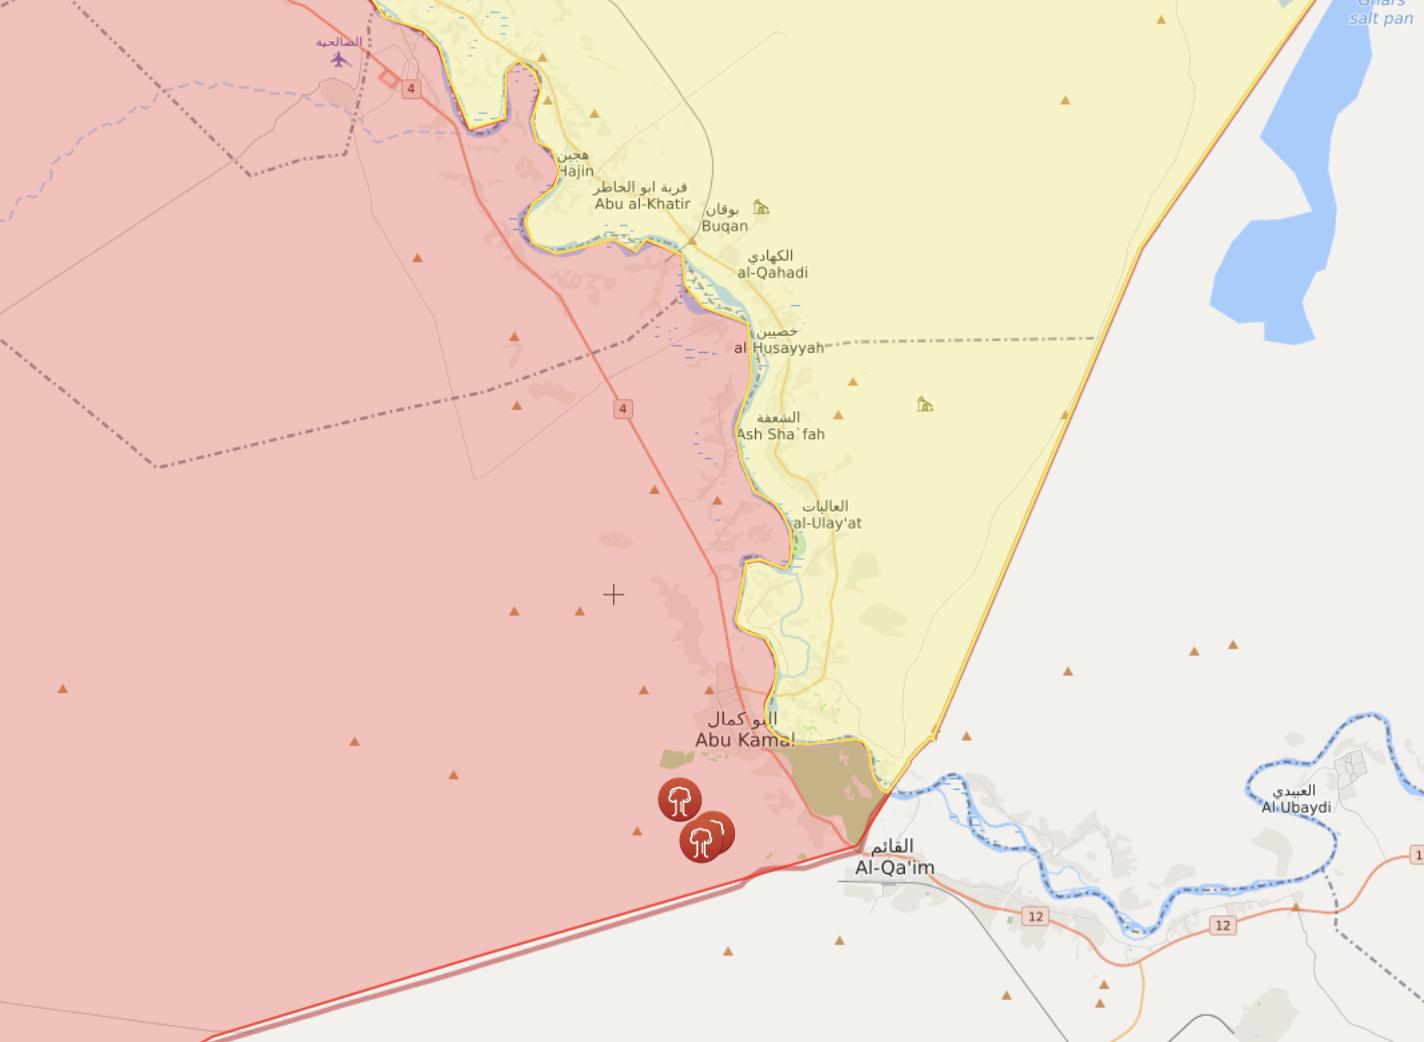 موقع الغارات في منطقة البوكمال شرقي سوريا على الحدود العراقية - 13 كانون الثاني 2021 (livemap)